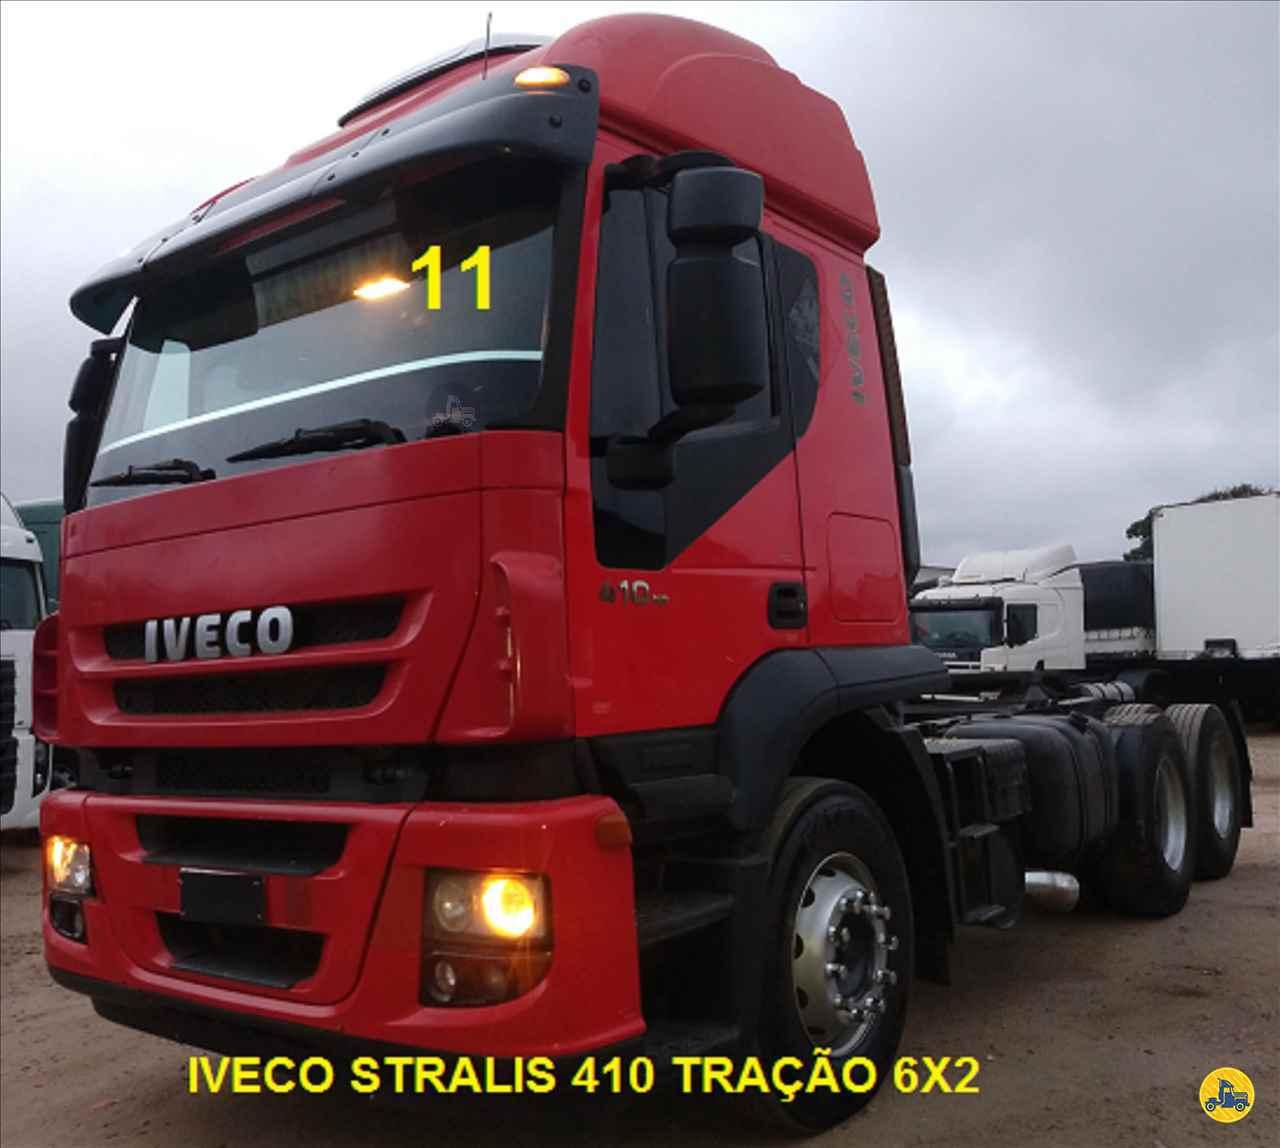 CAMINHAO IVECO STRALIS 410 Cavalo Mecânico Truck 6x2 LAF Caminhões CURITIBA PARANÁ PR